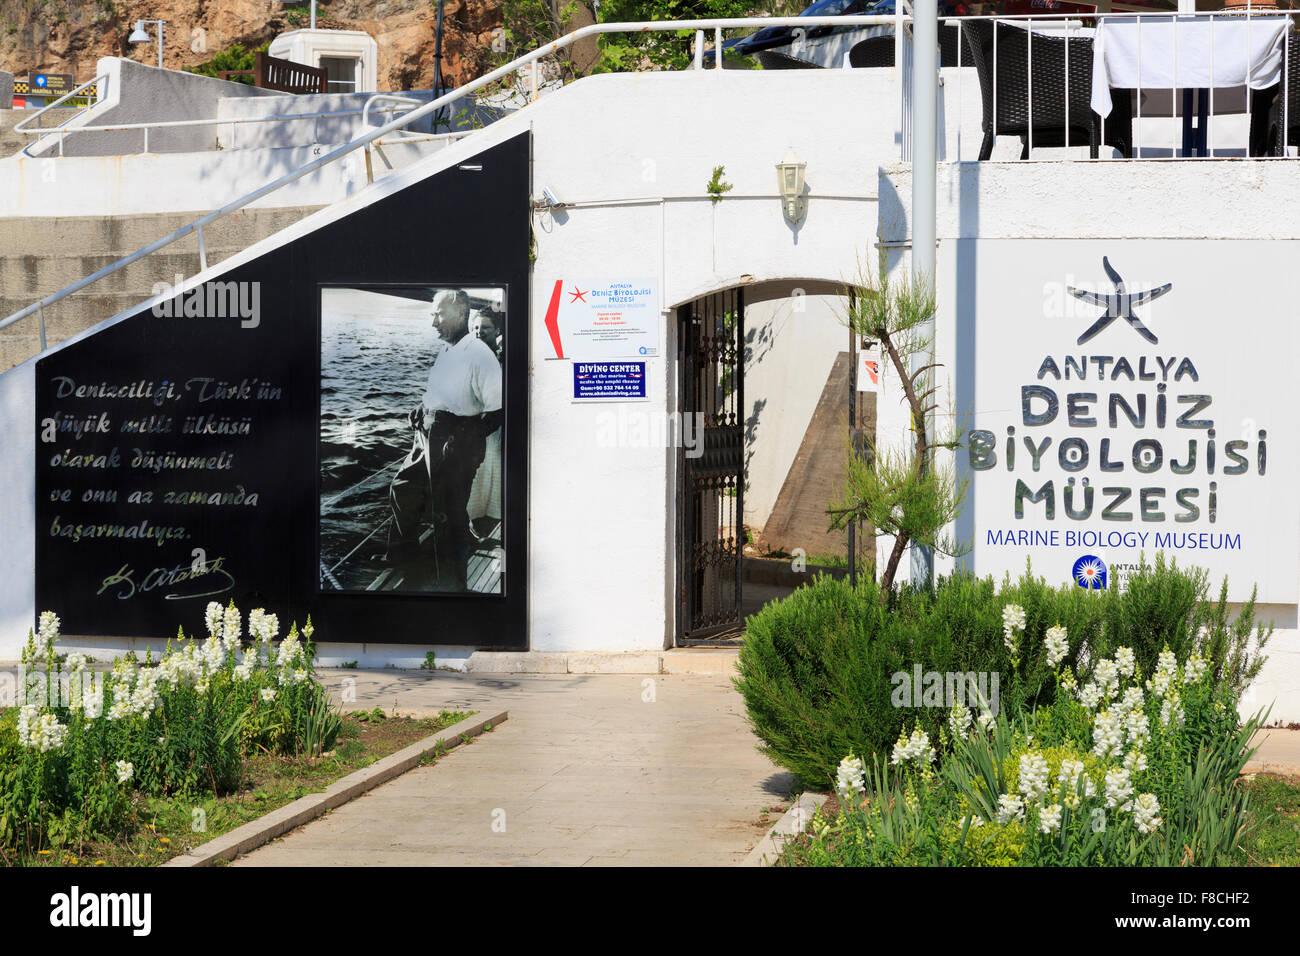 Museo de biología marina, de la provincia homónima, de la ciudad de Antalya, Turquía Imagen De Stock